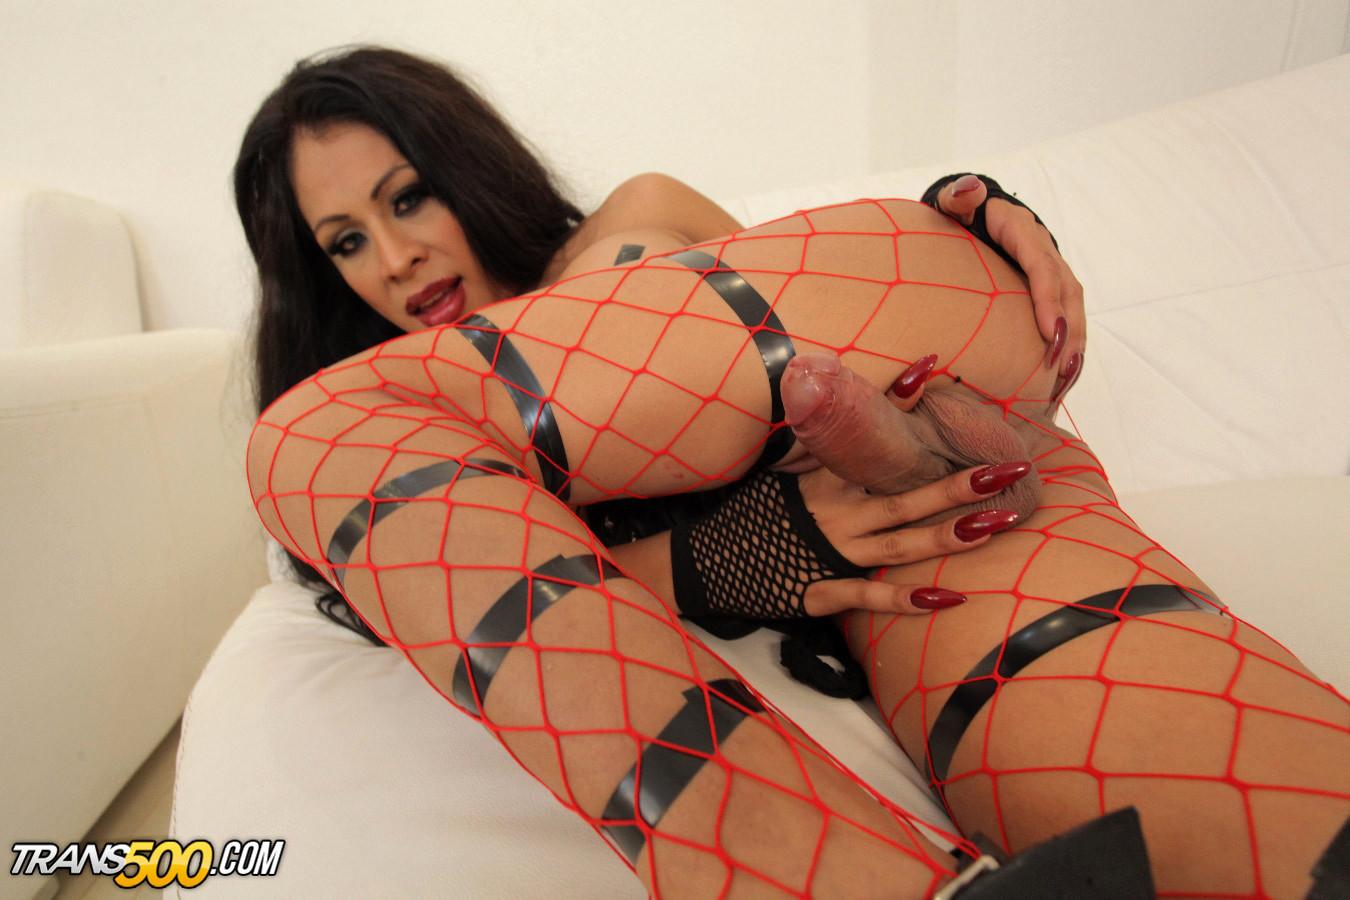 Watch Yummy TS Tania Q Dildo Her Thirsty Ass!